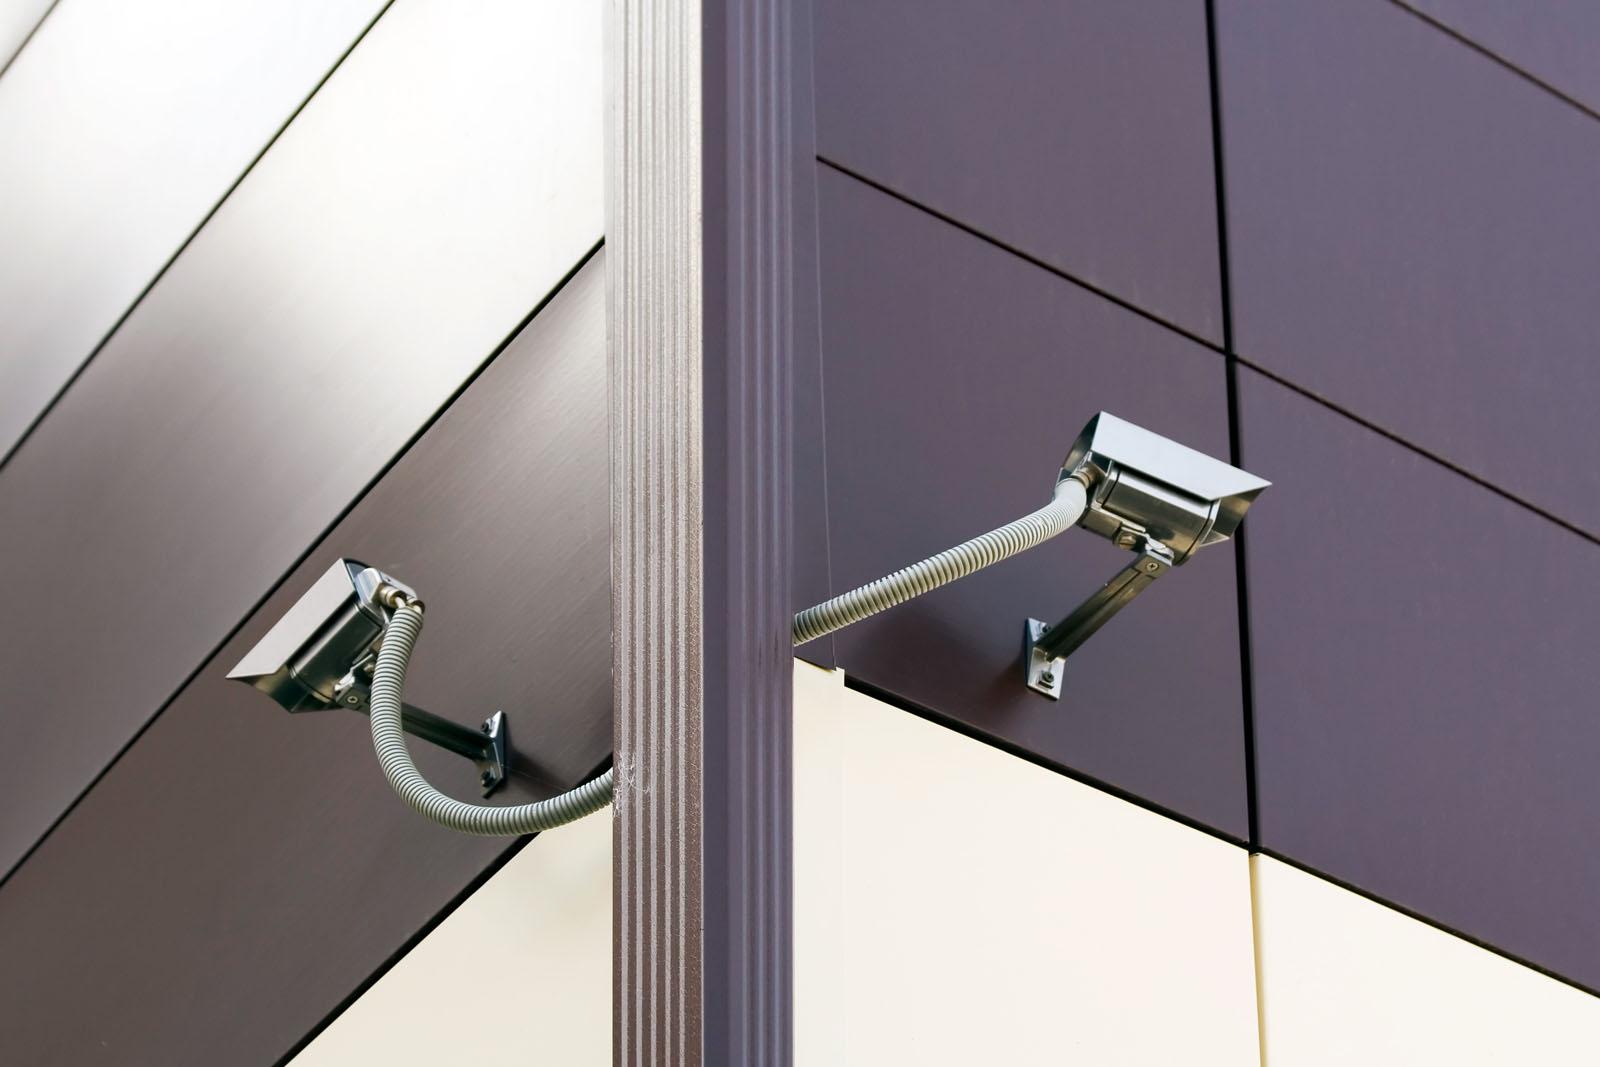 CCTV Security Cameras.